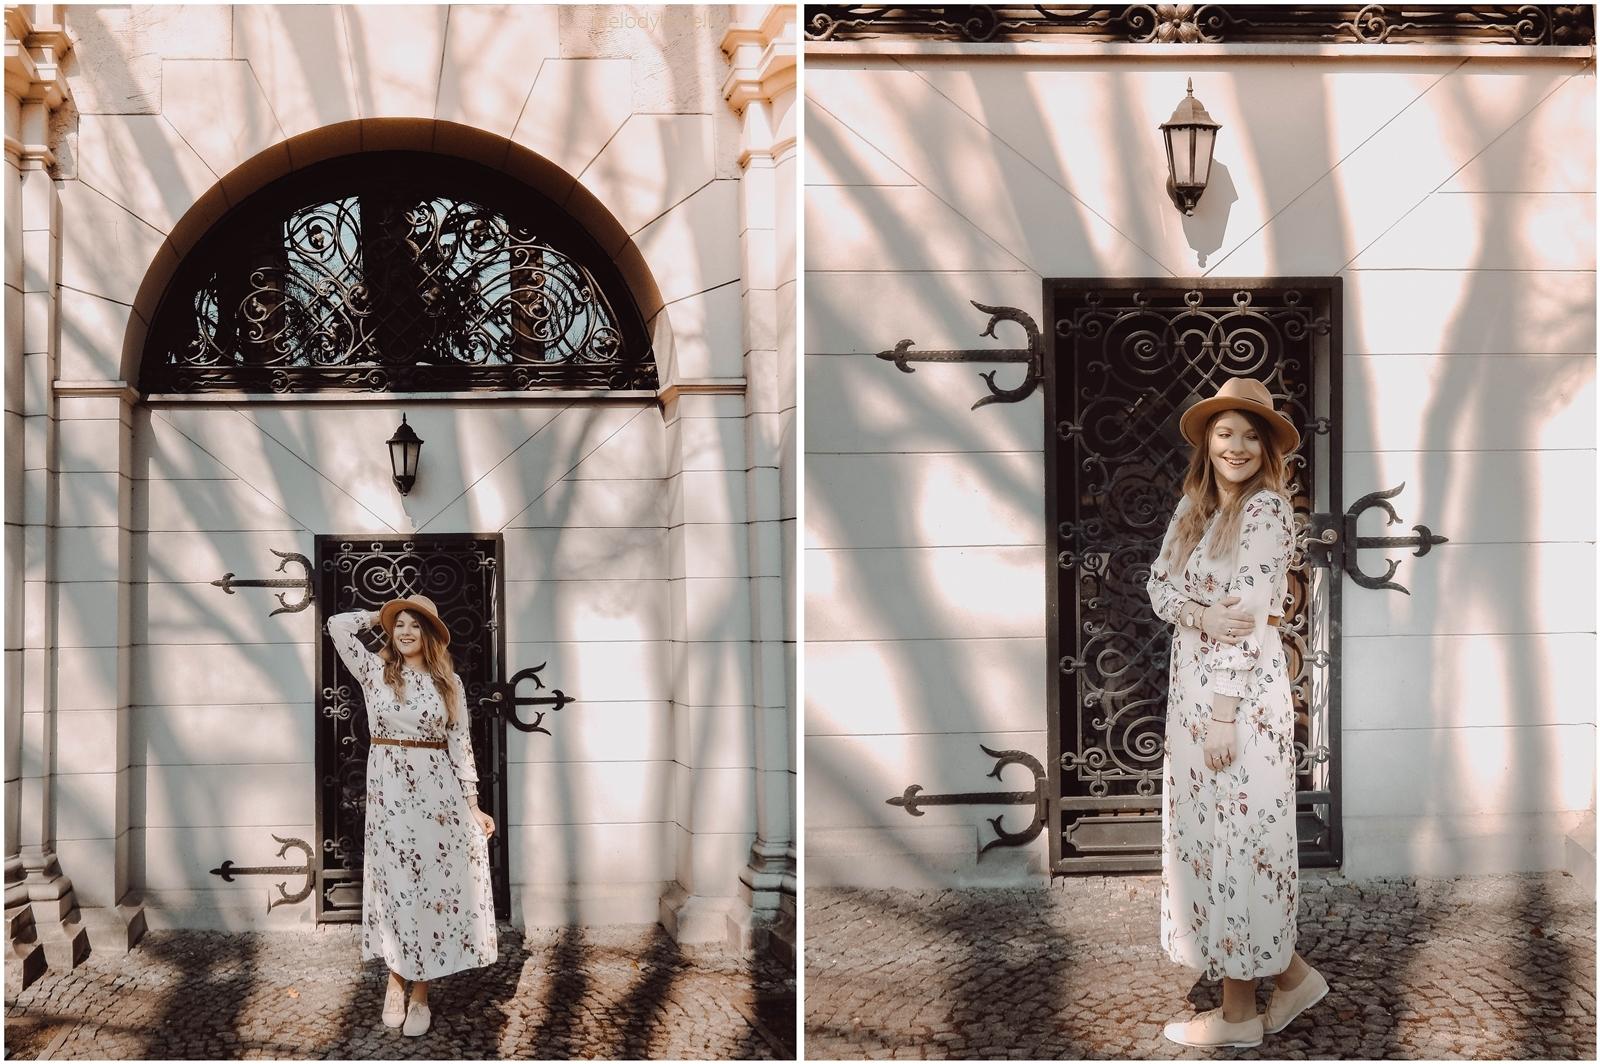 2a maxi sukienka w kwiaty answear jakosc opinie ceny wiosenne trendy 2018 blog moda fashion kapelusz stylizacje boho buty tamaris dodatki parfois